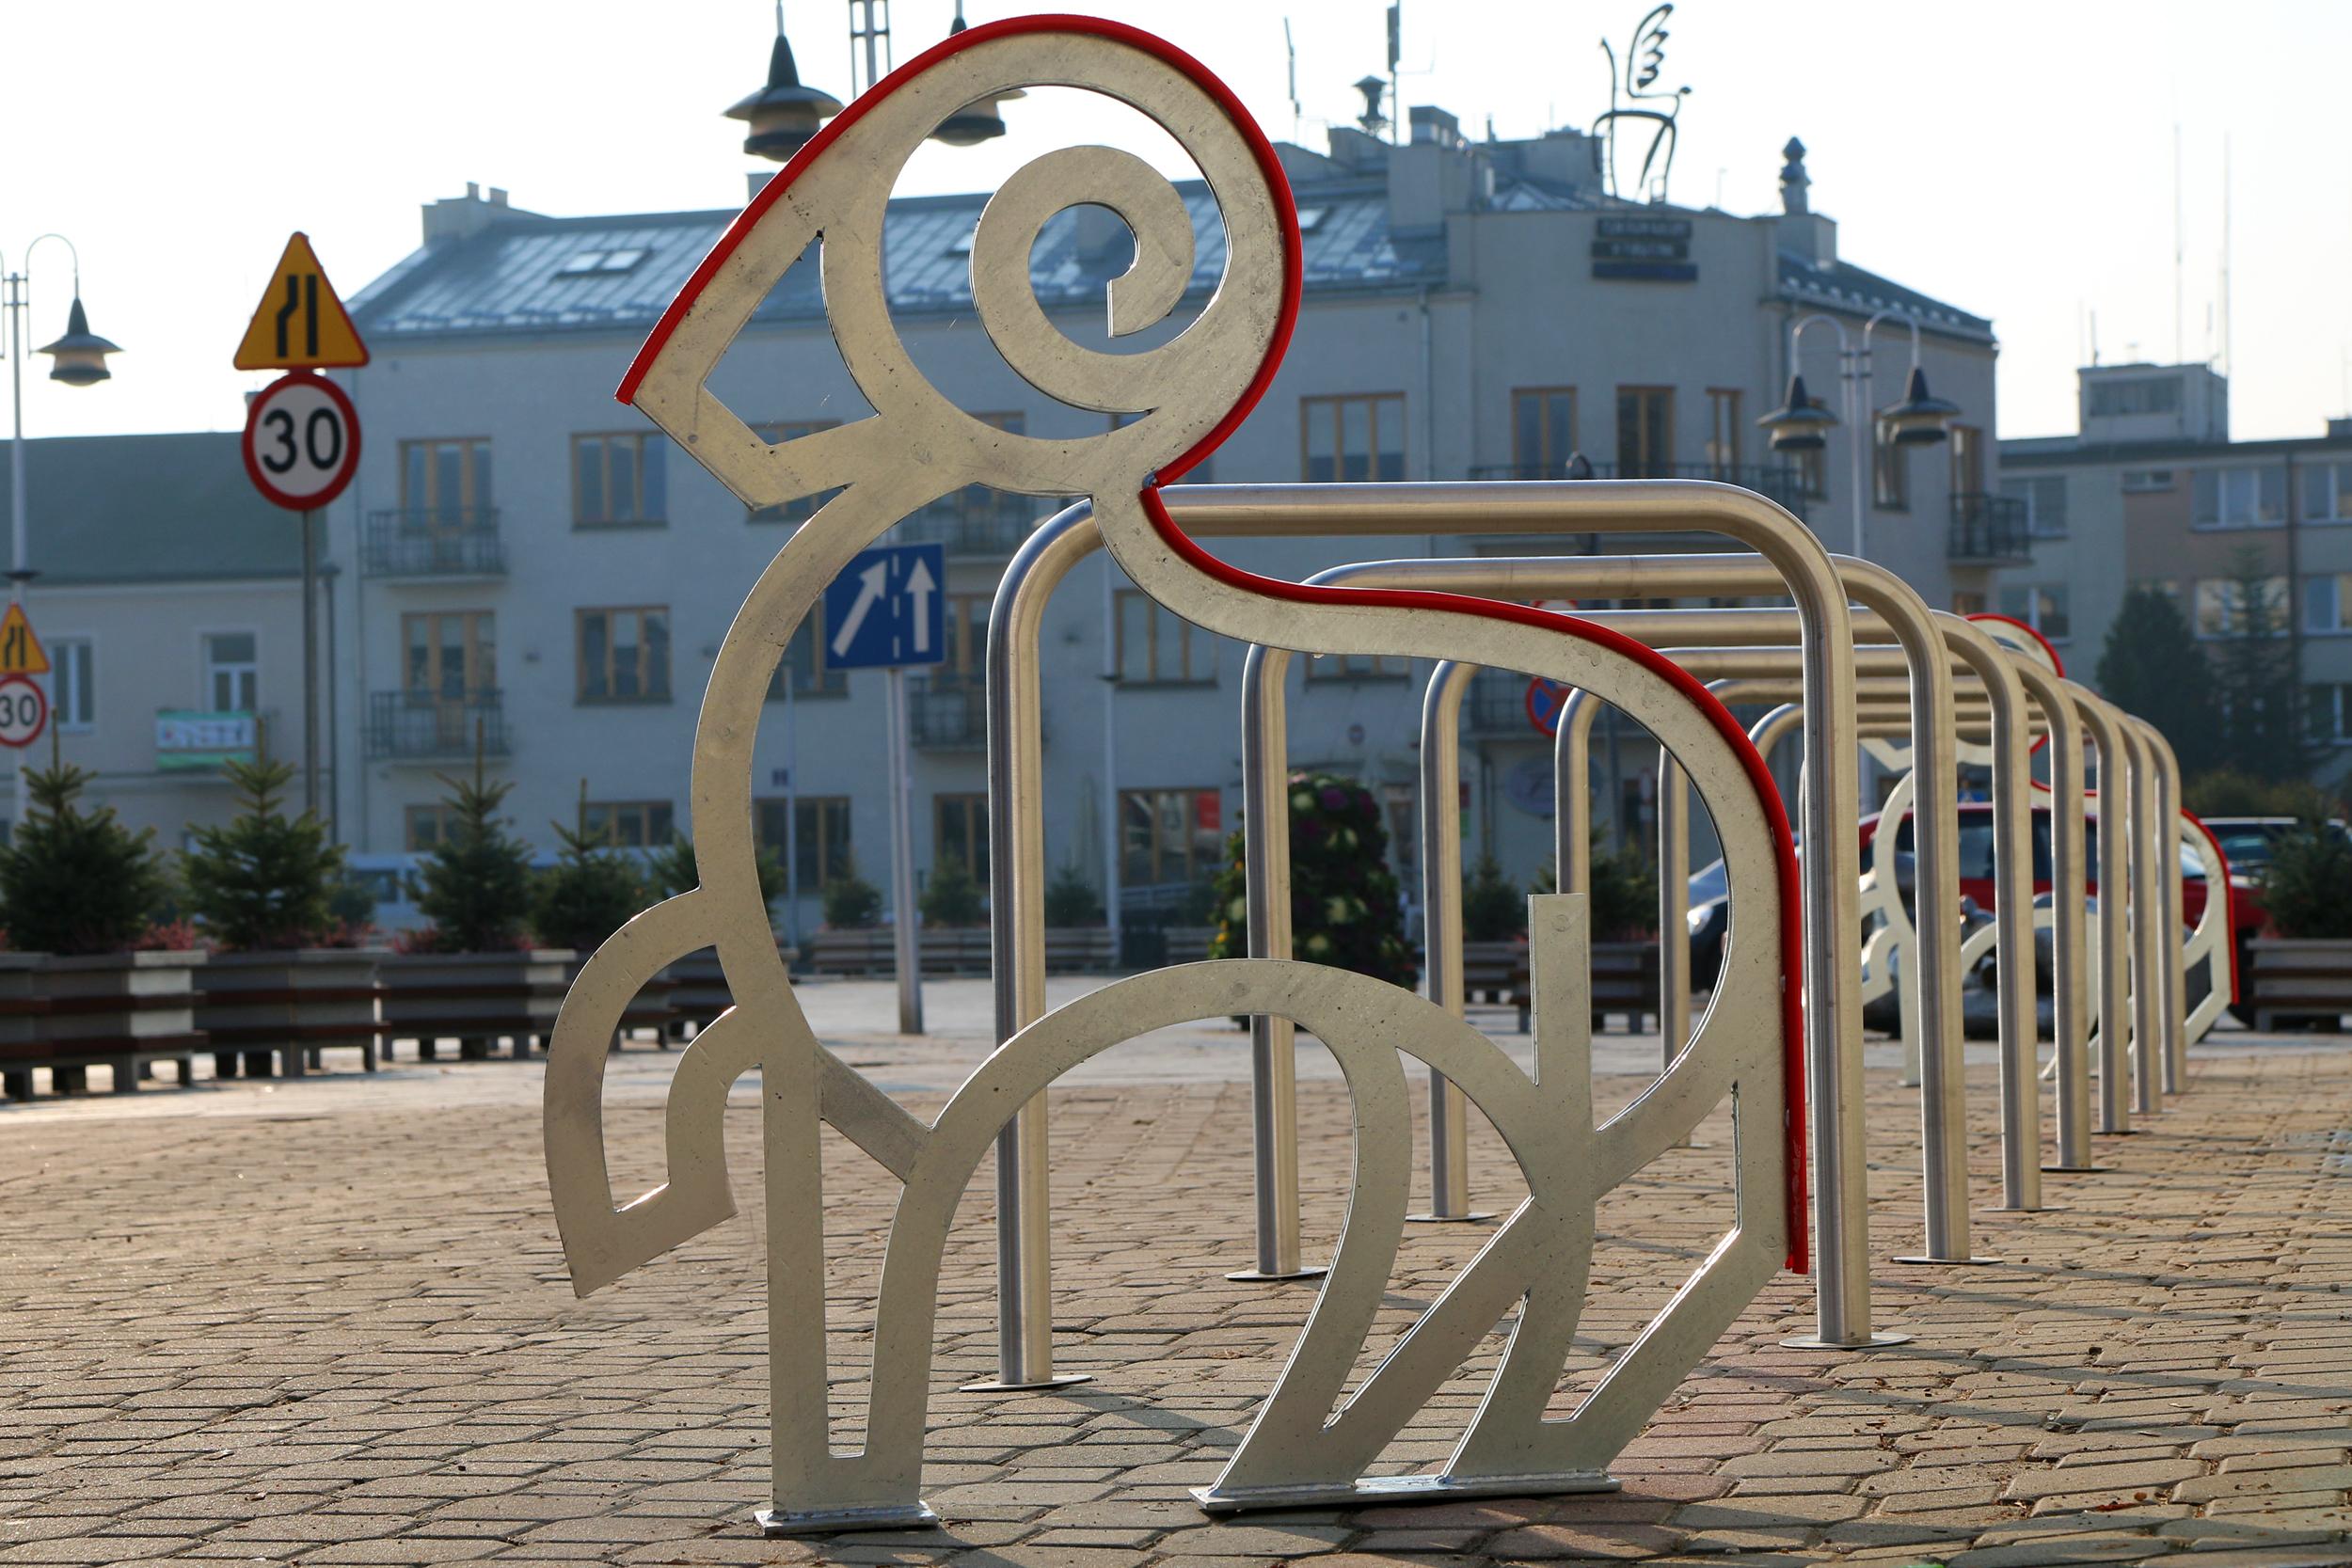 Stojaki na rowery w kształcie piaseczyńskiego barana to przykład realizacji projektu w ramach Budżetu Obywatelskiego